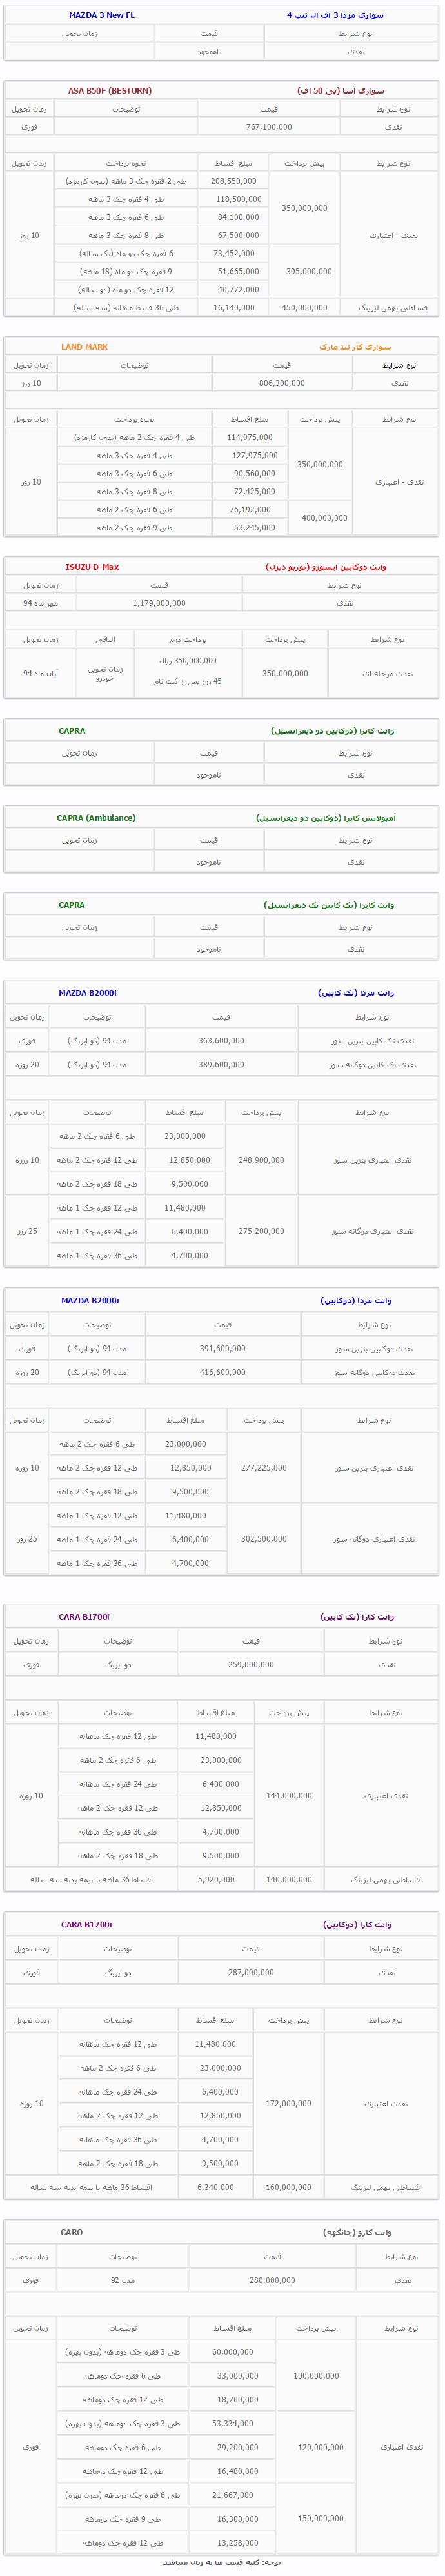 فروش نقد و اقساط گروه بهمن شهریور 94